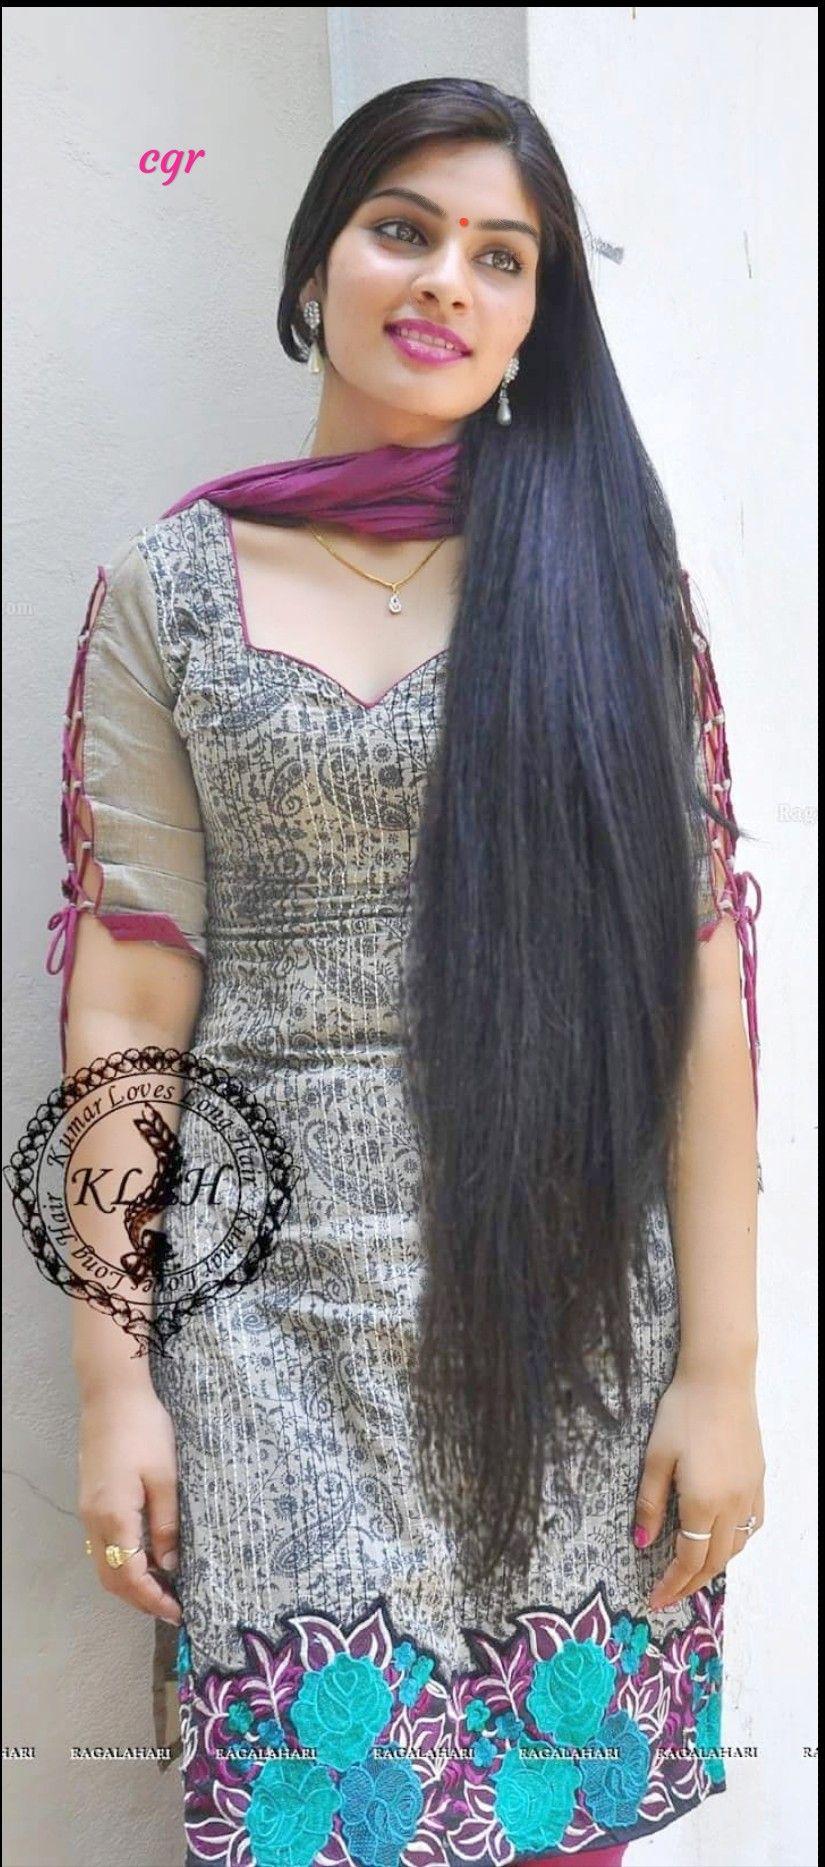 pinterest @yashu kumar beauty /indian girls | indian girls